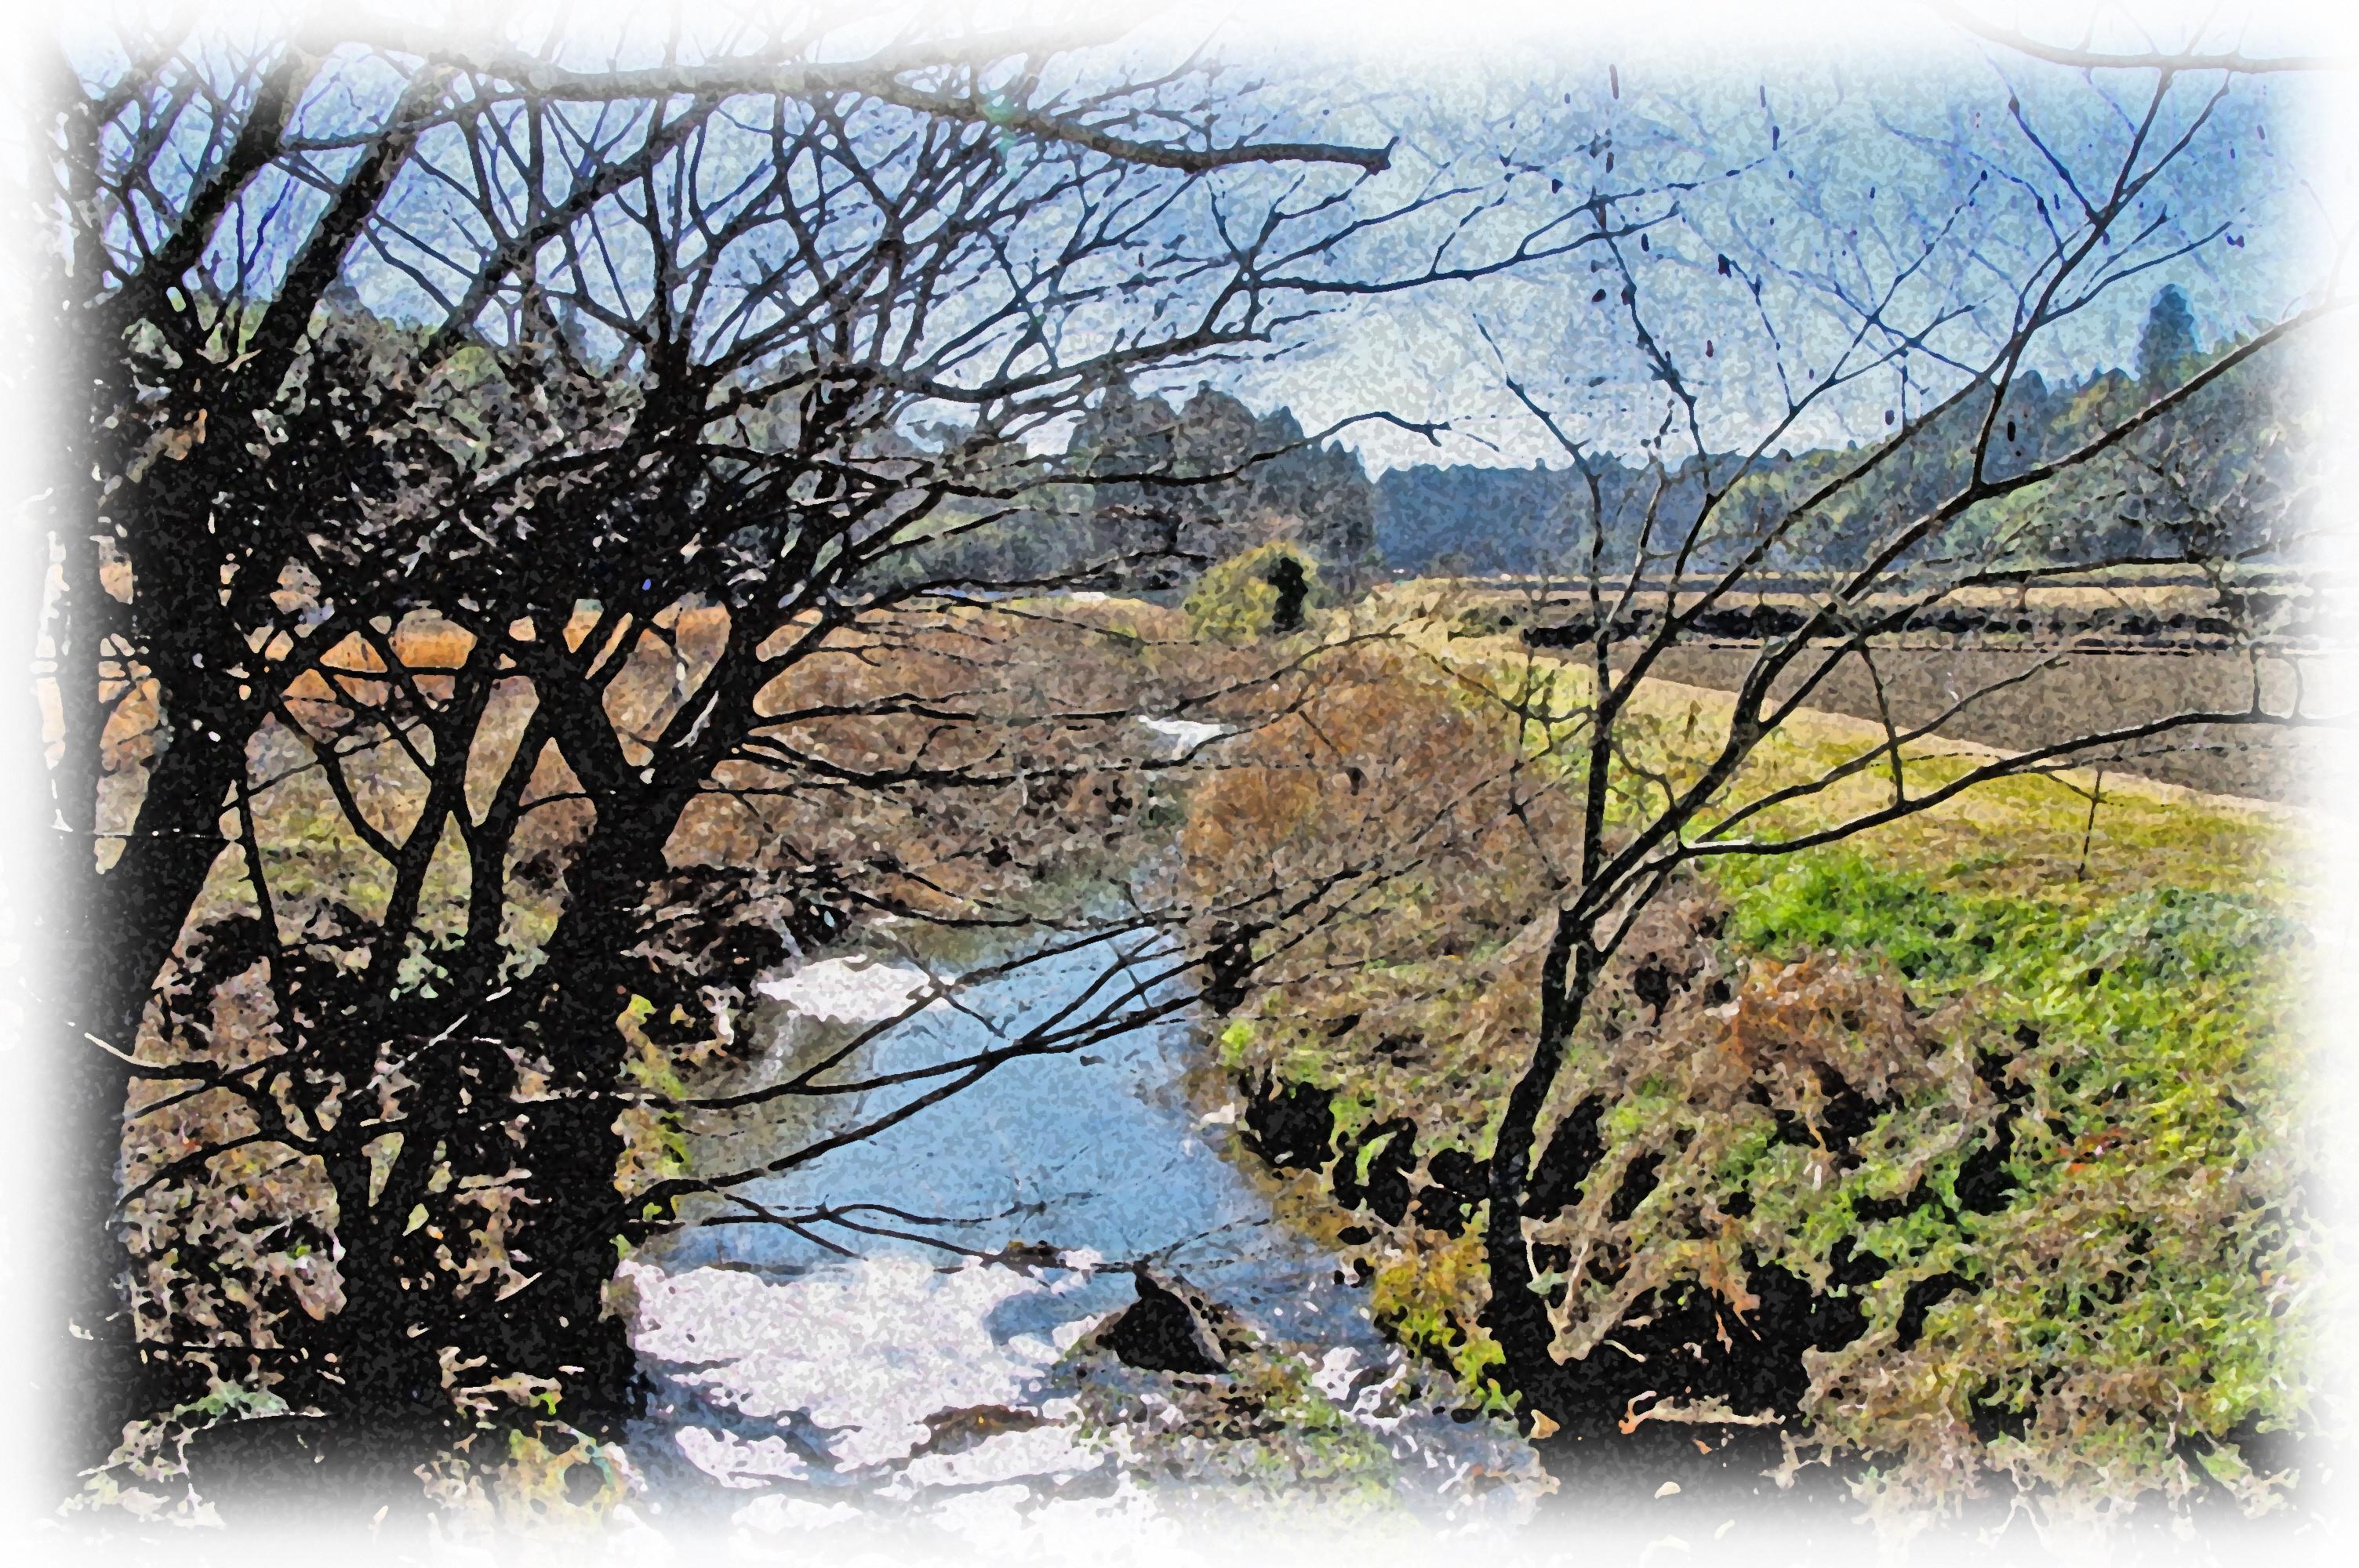 風呂の前里山クリーンイベント~清掃活動と楽しい昼食会のお誘い~